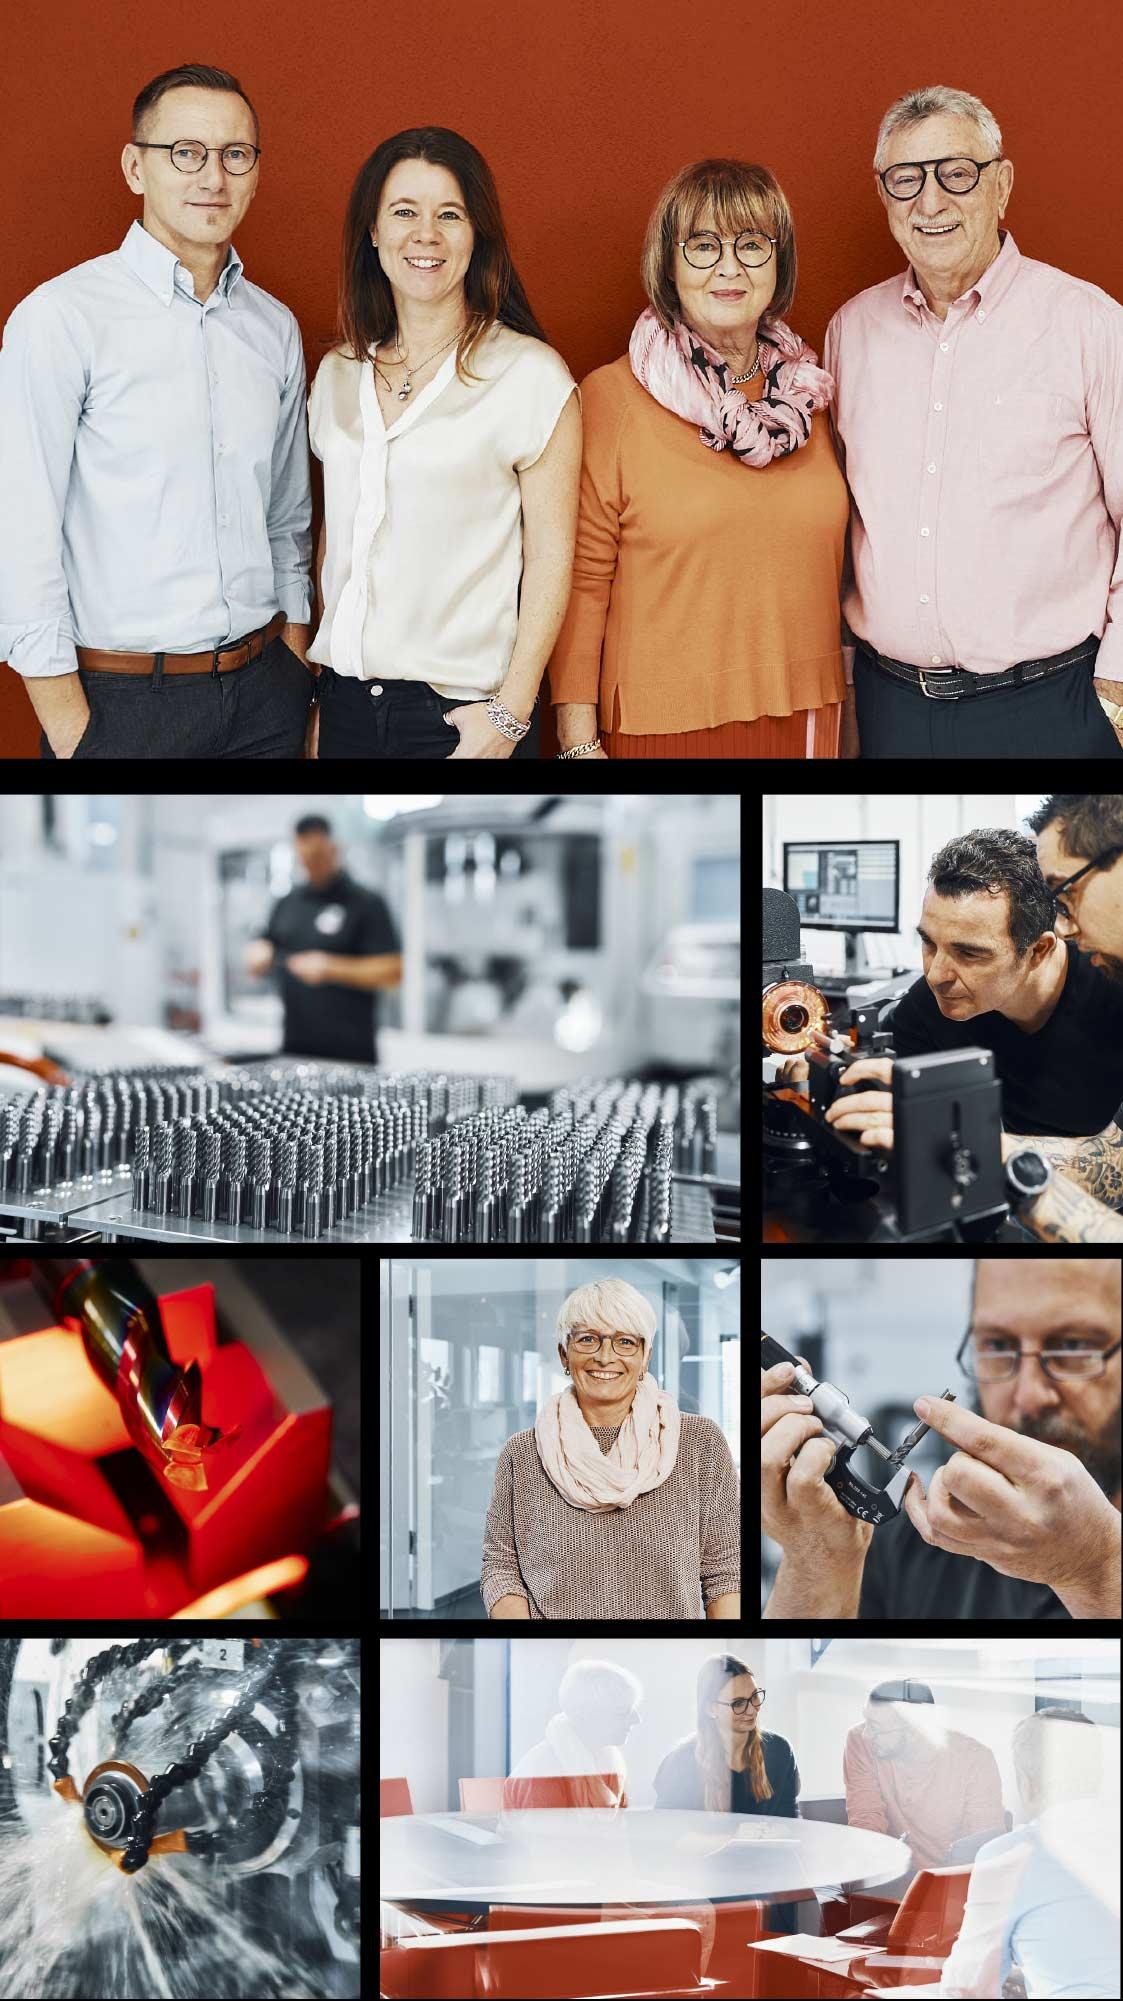 Eine Zusammenstellung aus Bildern des Nachreiner Teams, der Nachreiner Werkstatt, Nachreiner Ansprechpartner und eines Besprechungsraumes